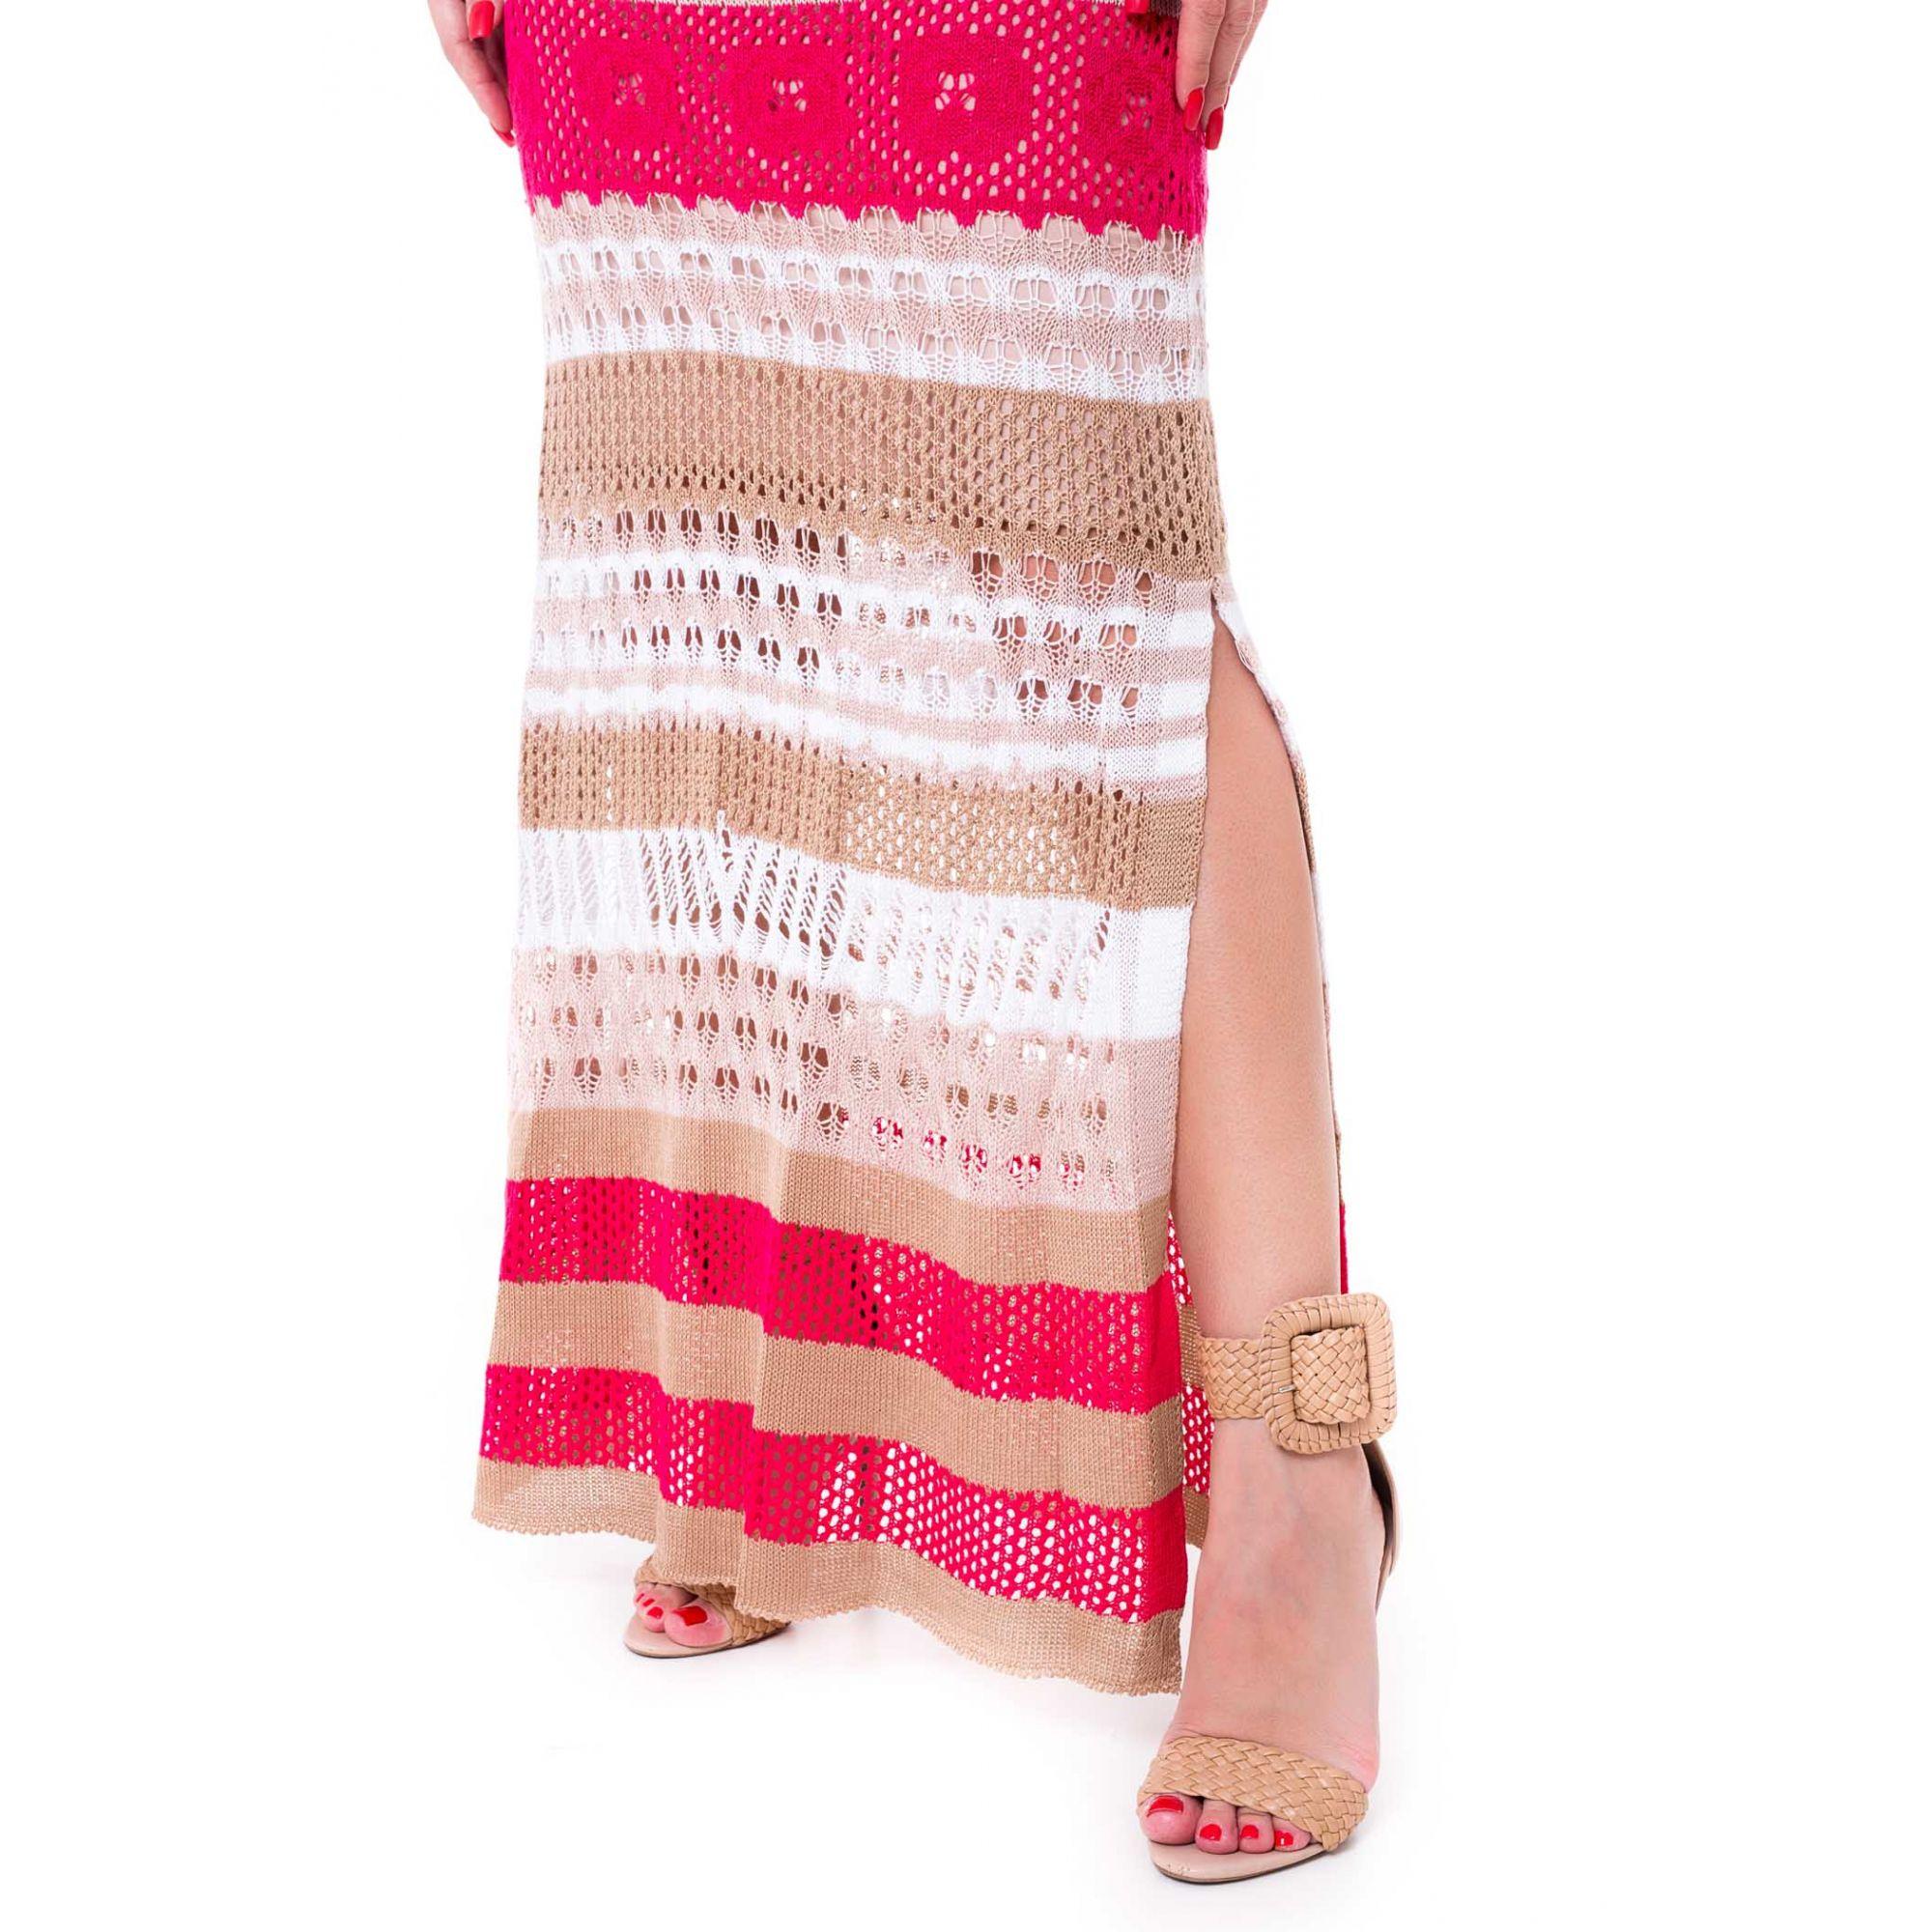 Vestido Longo Vera Tricot Alças Listrado Feminino Bege / Pink / Bege Claro